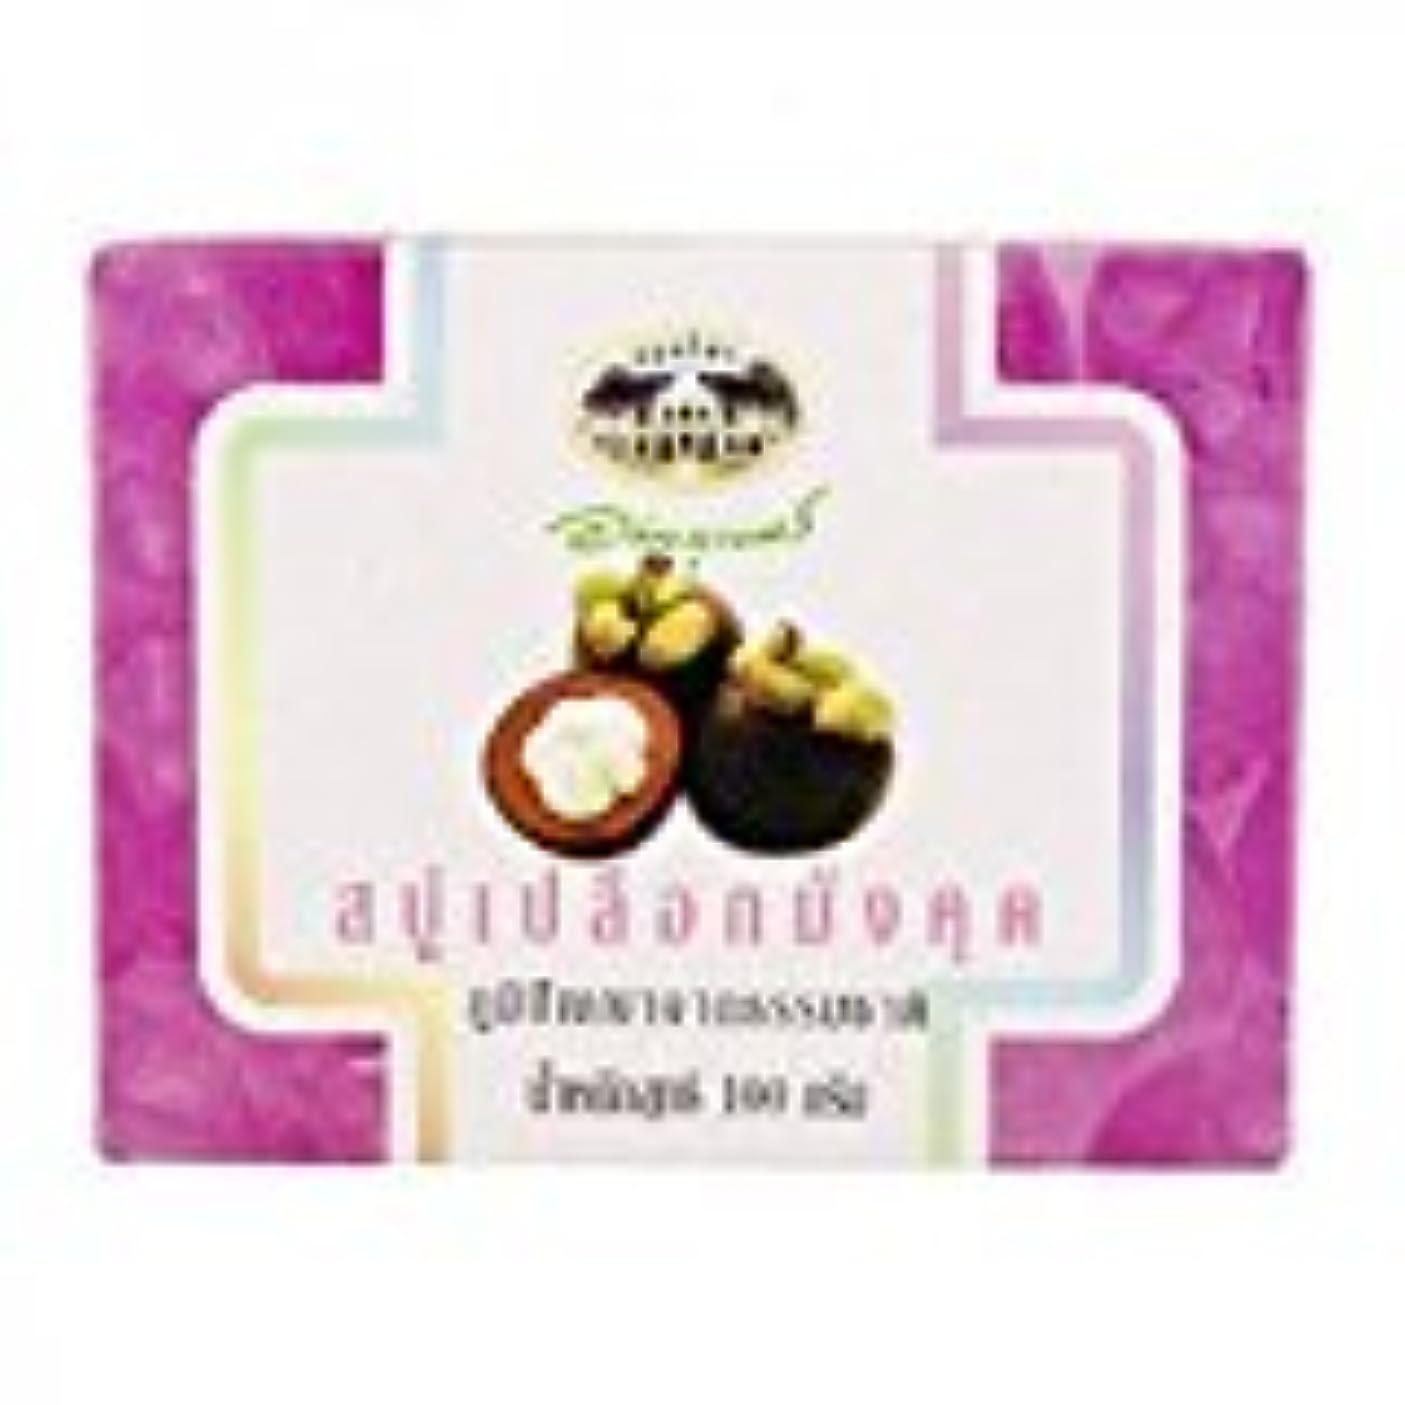 帽子最愛の目を覚ますマンゴスチン石鹸 abhaibhubejhr Mangosteen Peel Soap 100g 1個